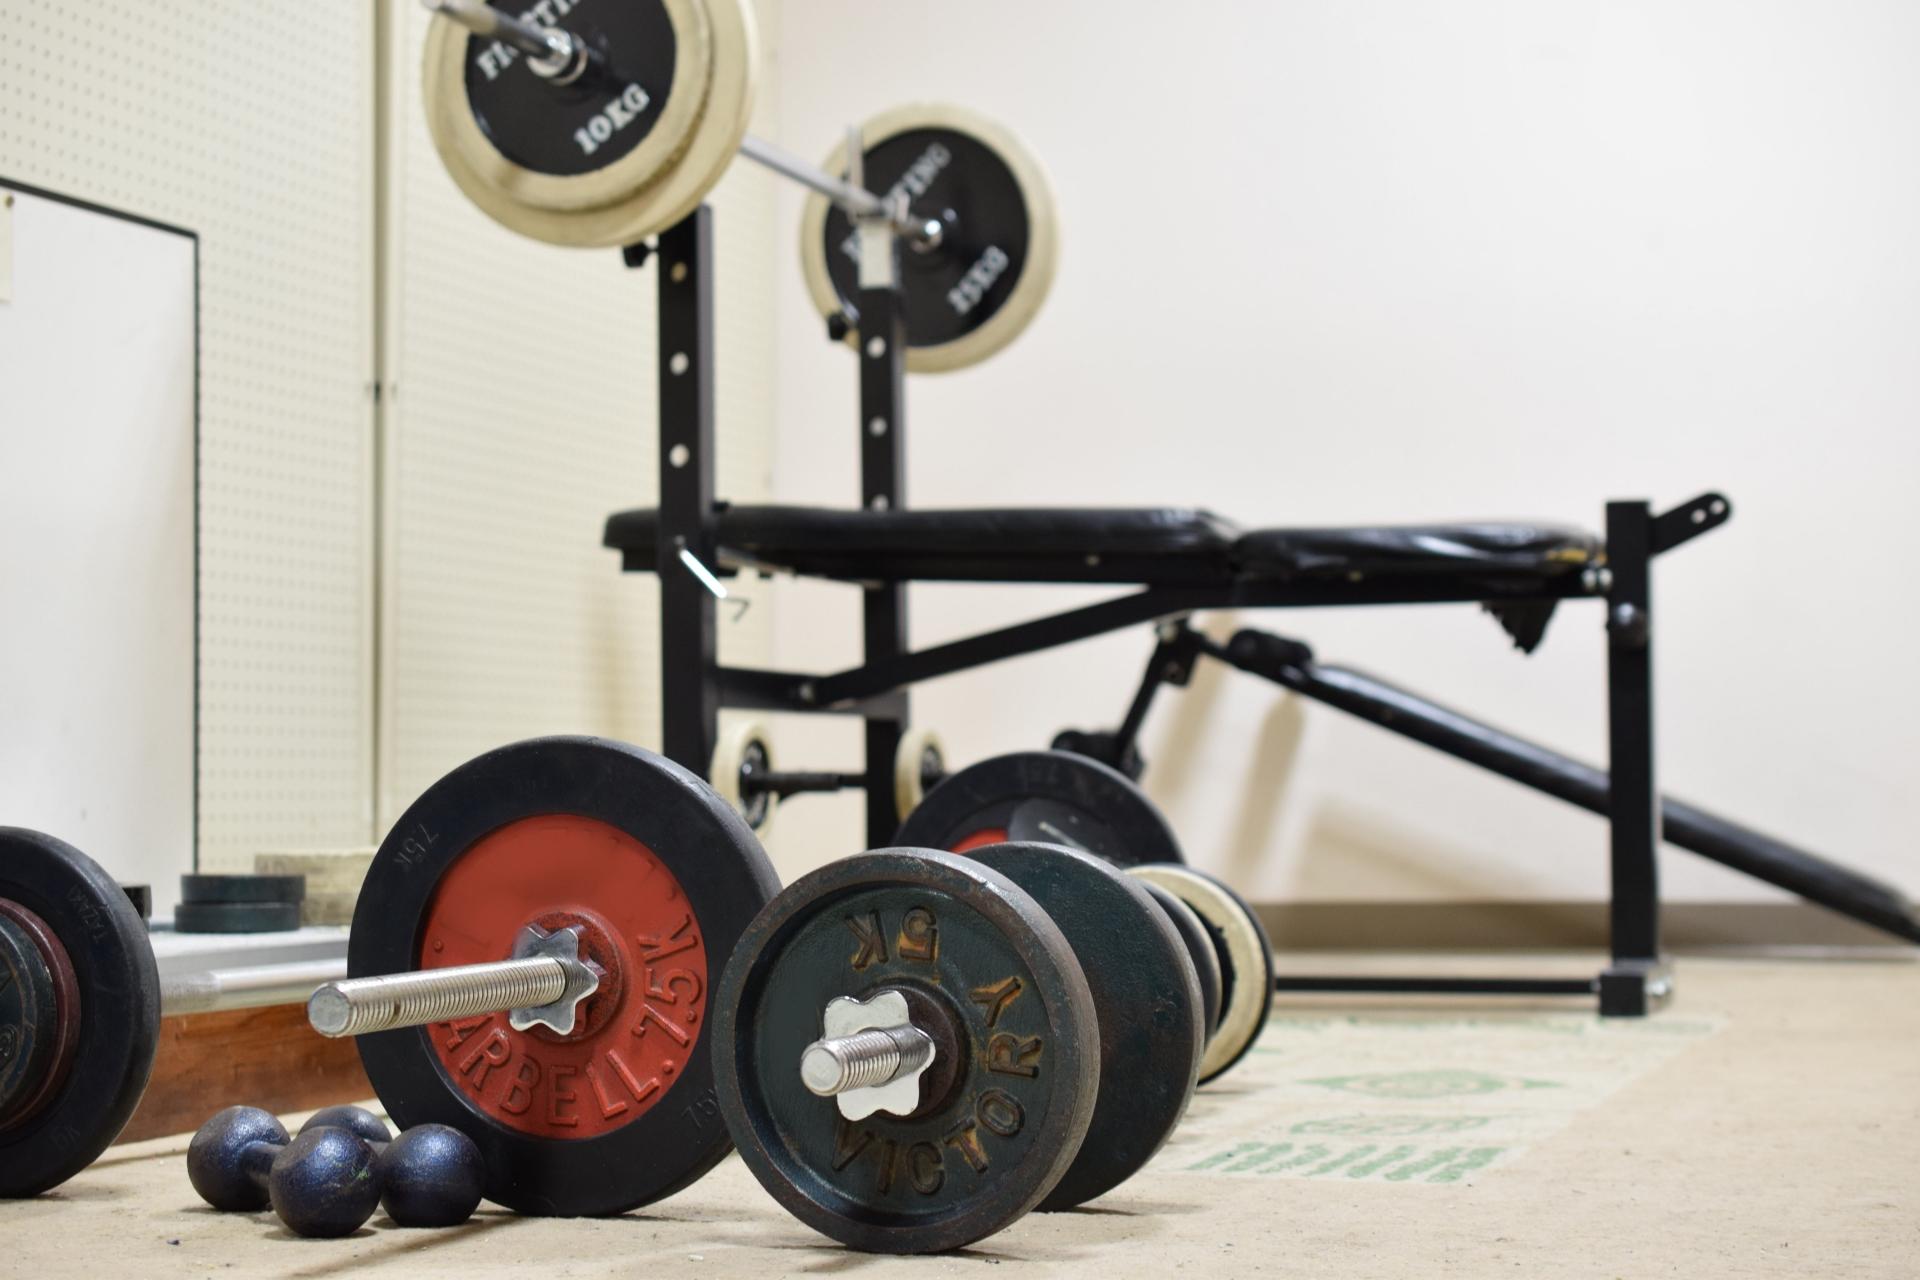 弓道に必要な筋肉を鍛える!上腕三頭筋に効く筋トレメーニューを紹介